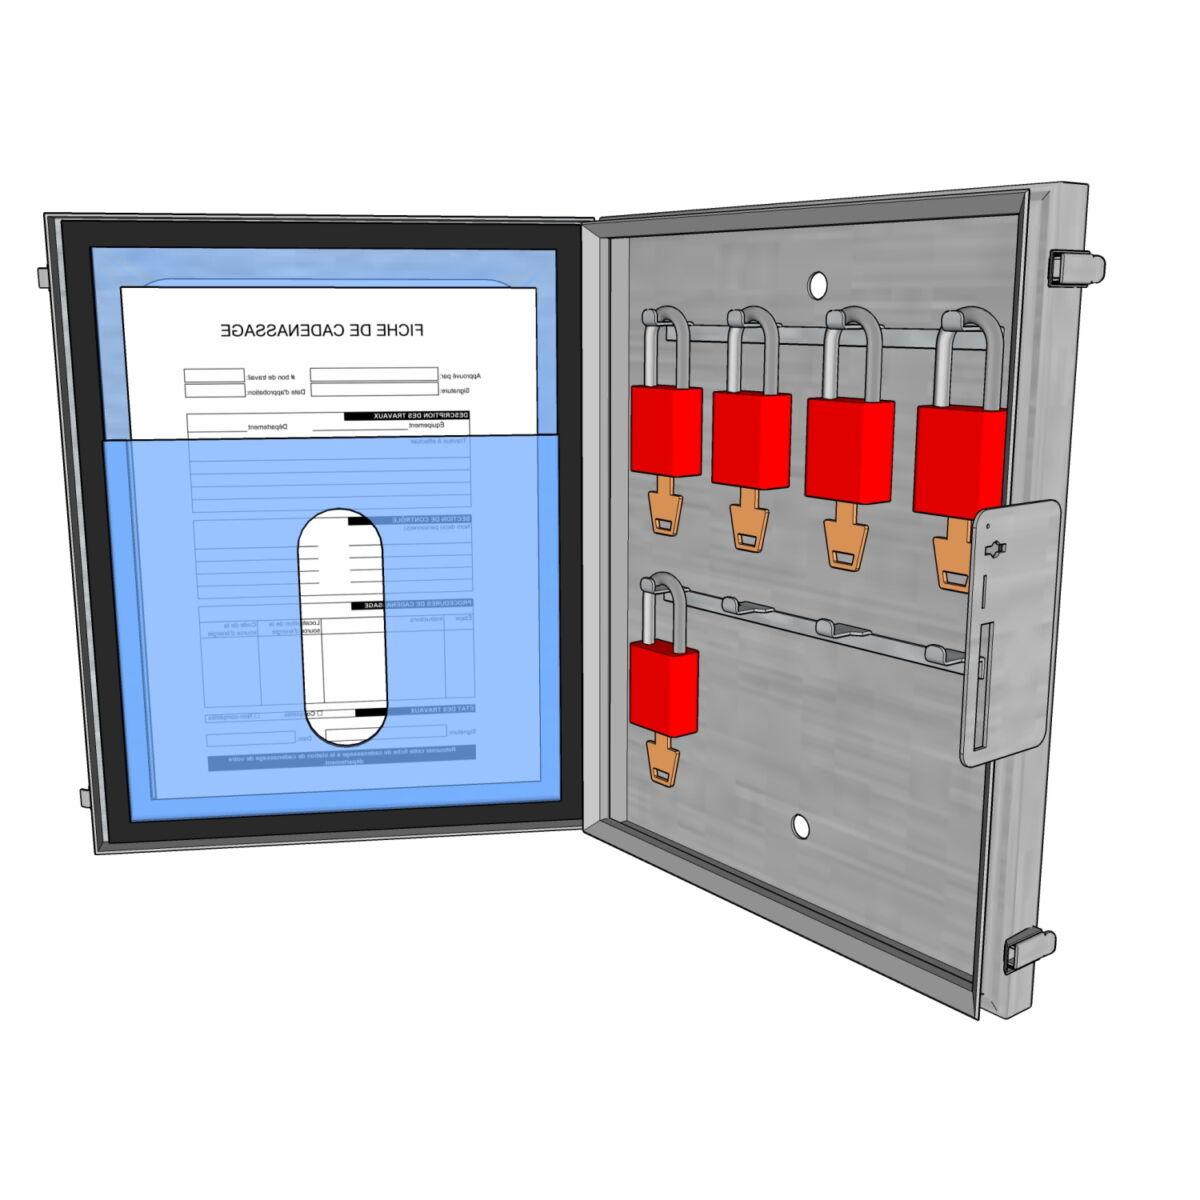 Postes de cadenassage en acier inoxydable BSV-1113-8C-PF